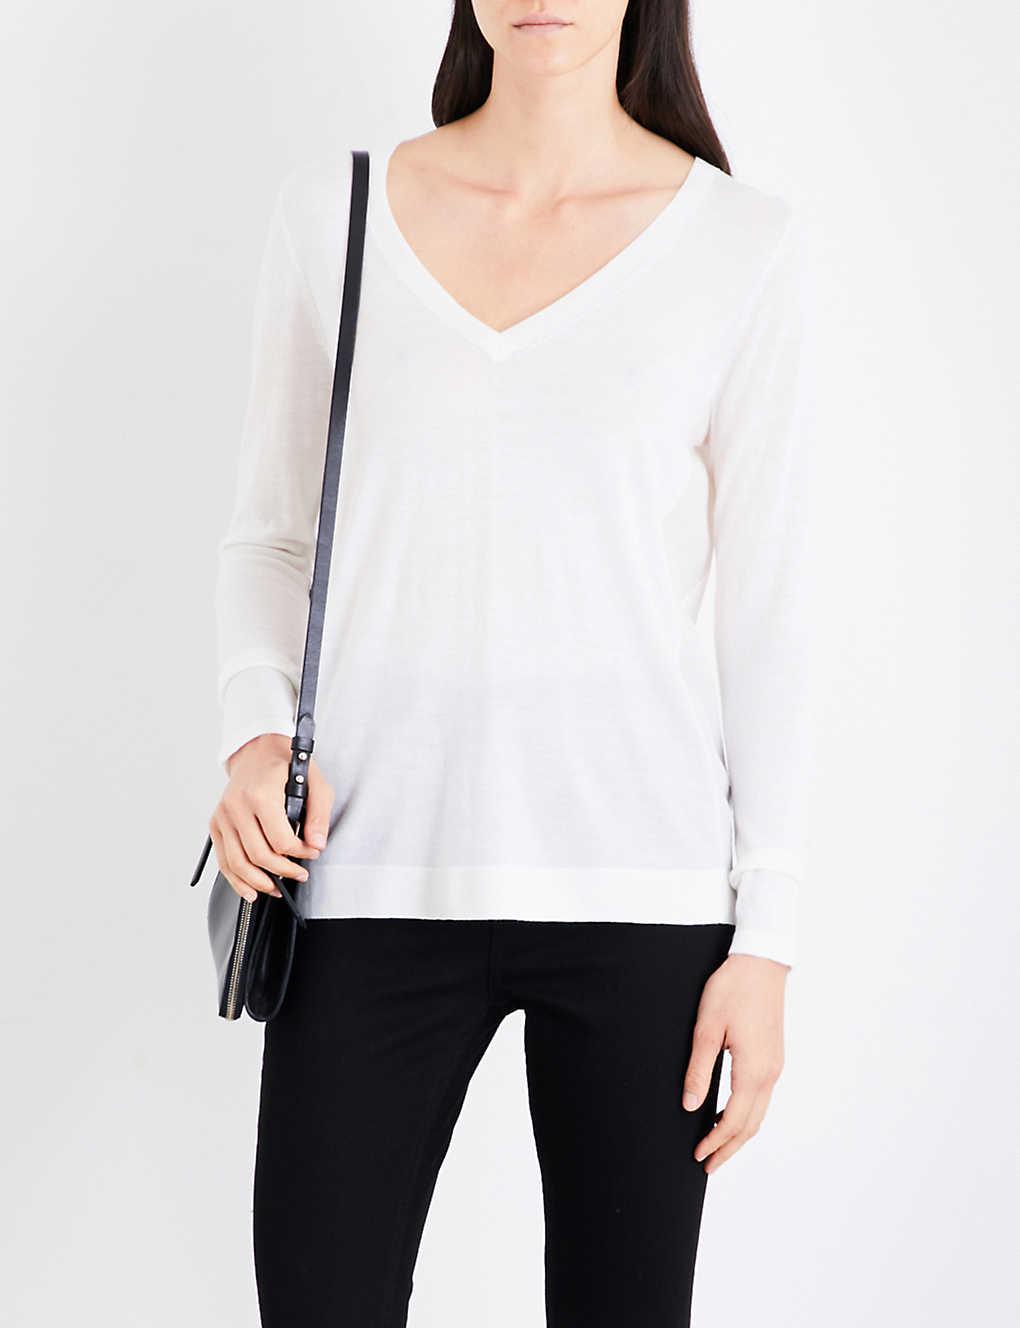 836d67e4 REISS - Sally V-neck wool and silk jumper | Selfridges.com